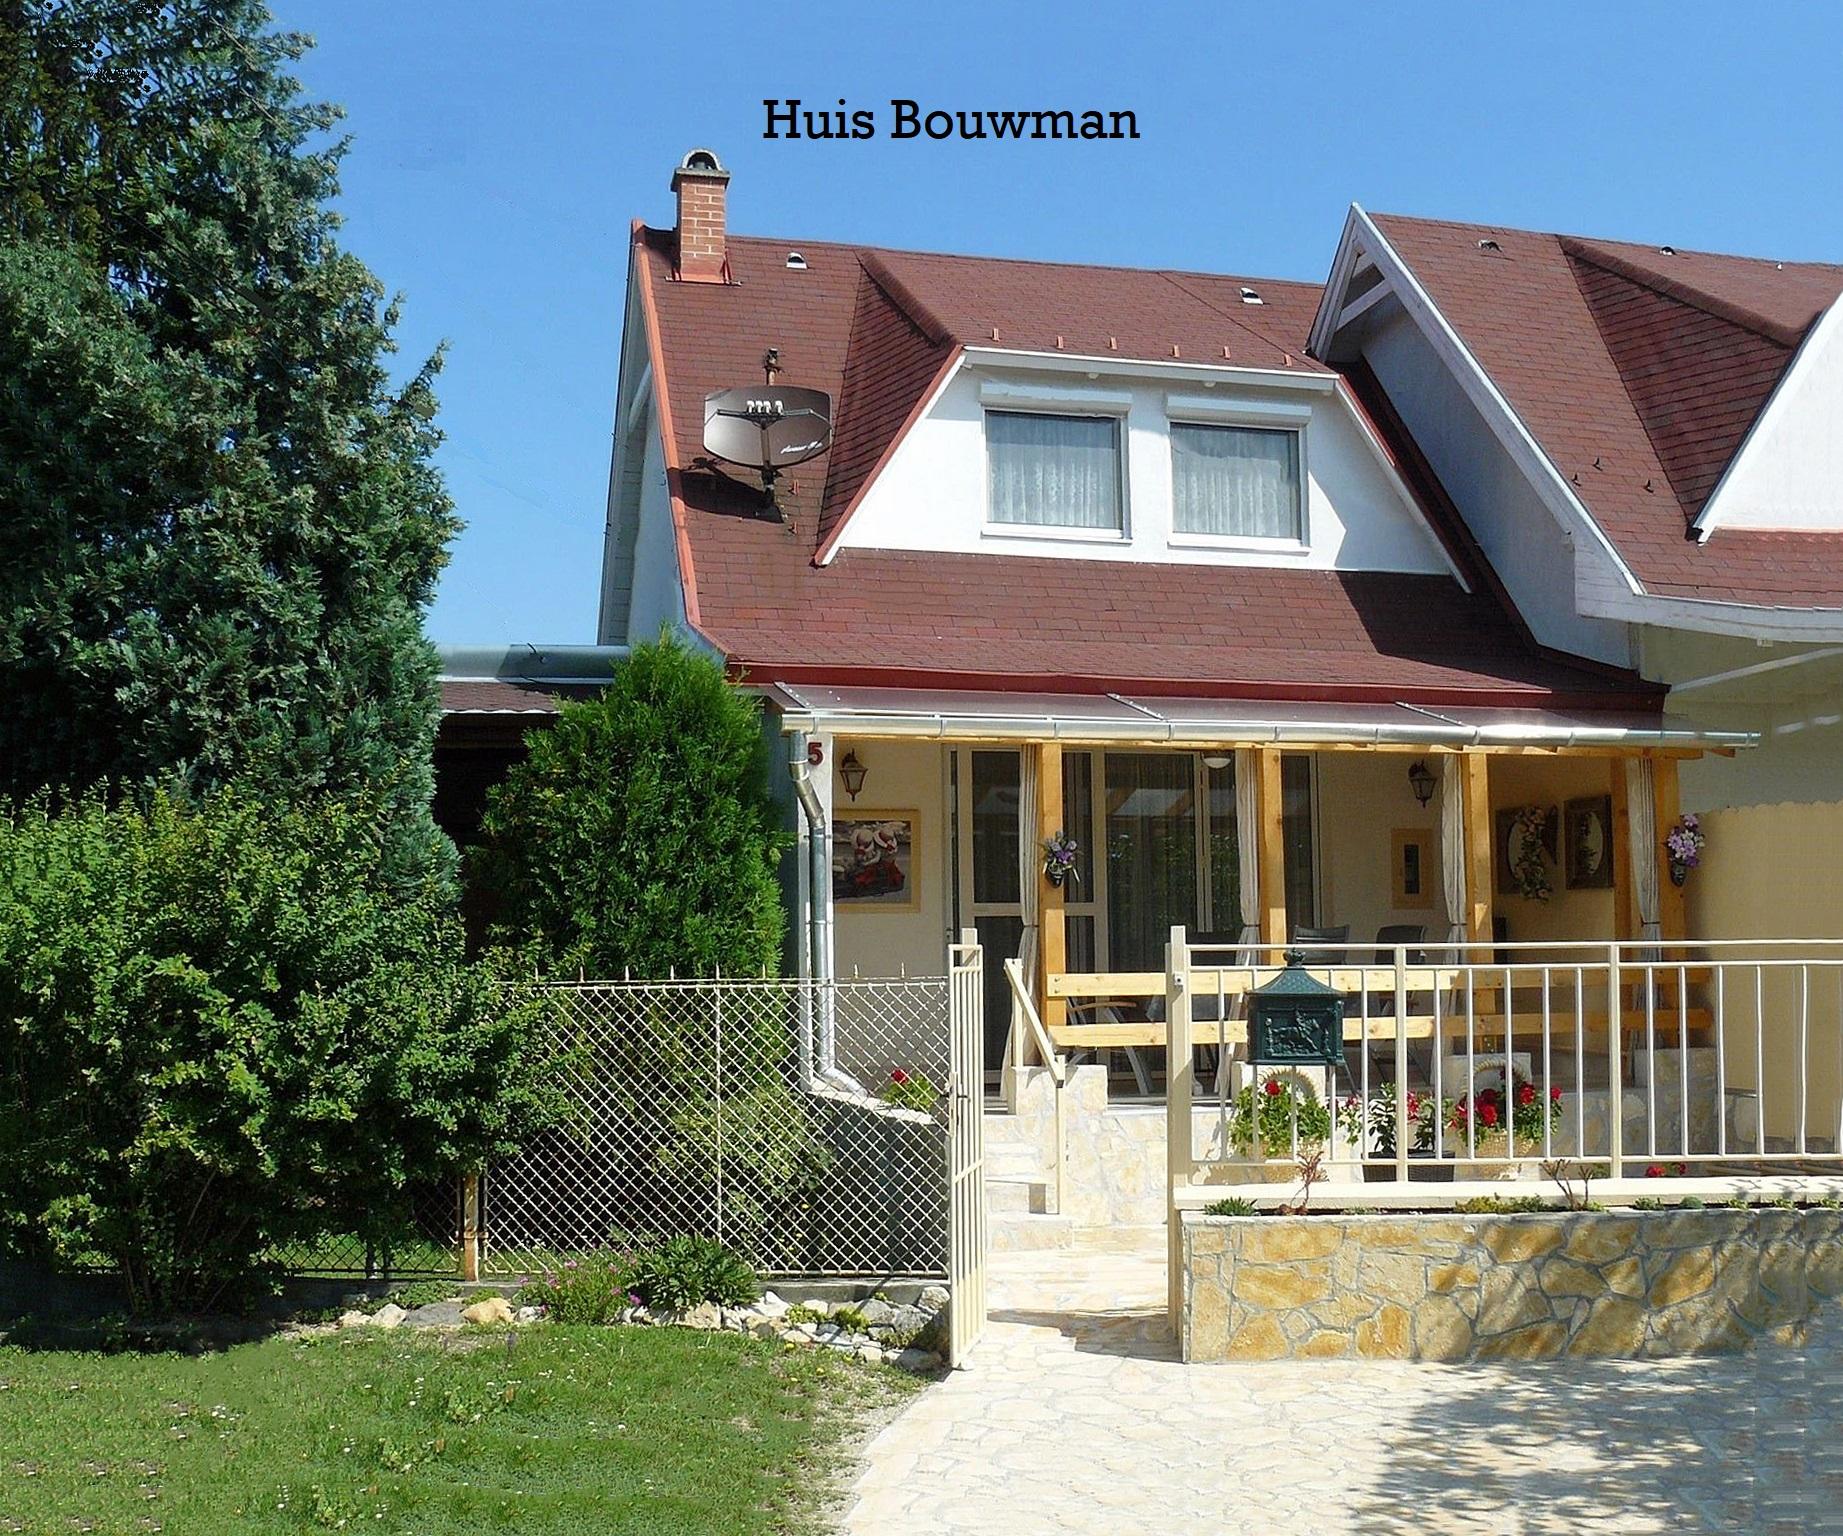 Huis Bouwman uw toekomstige vakantiehuis